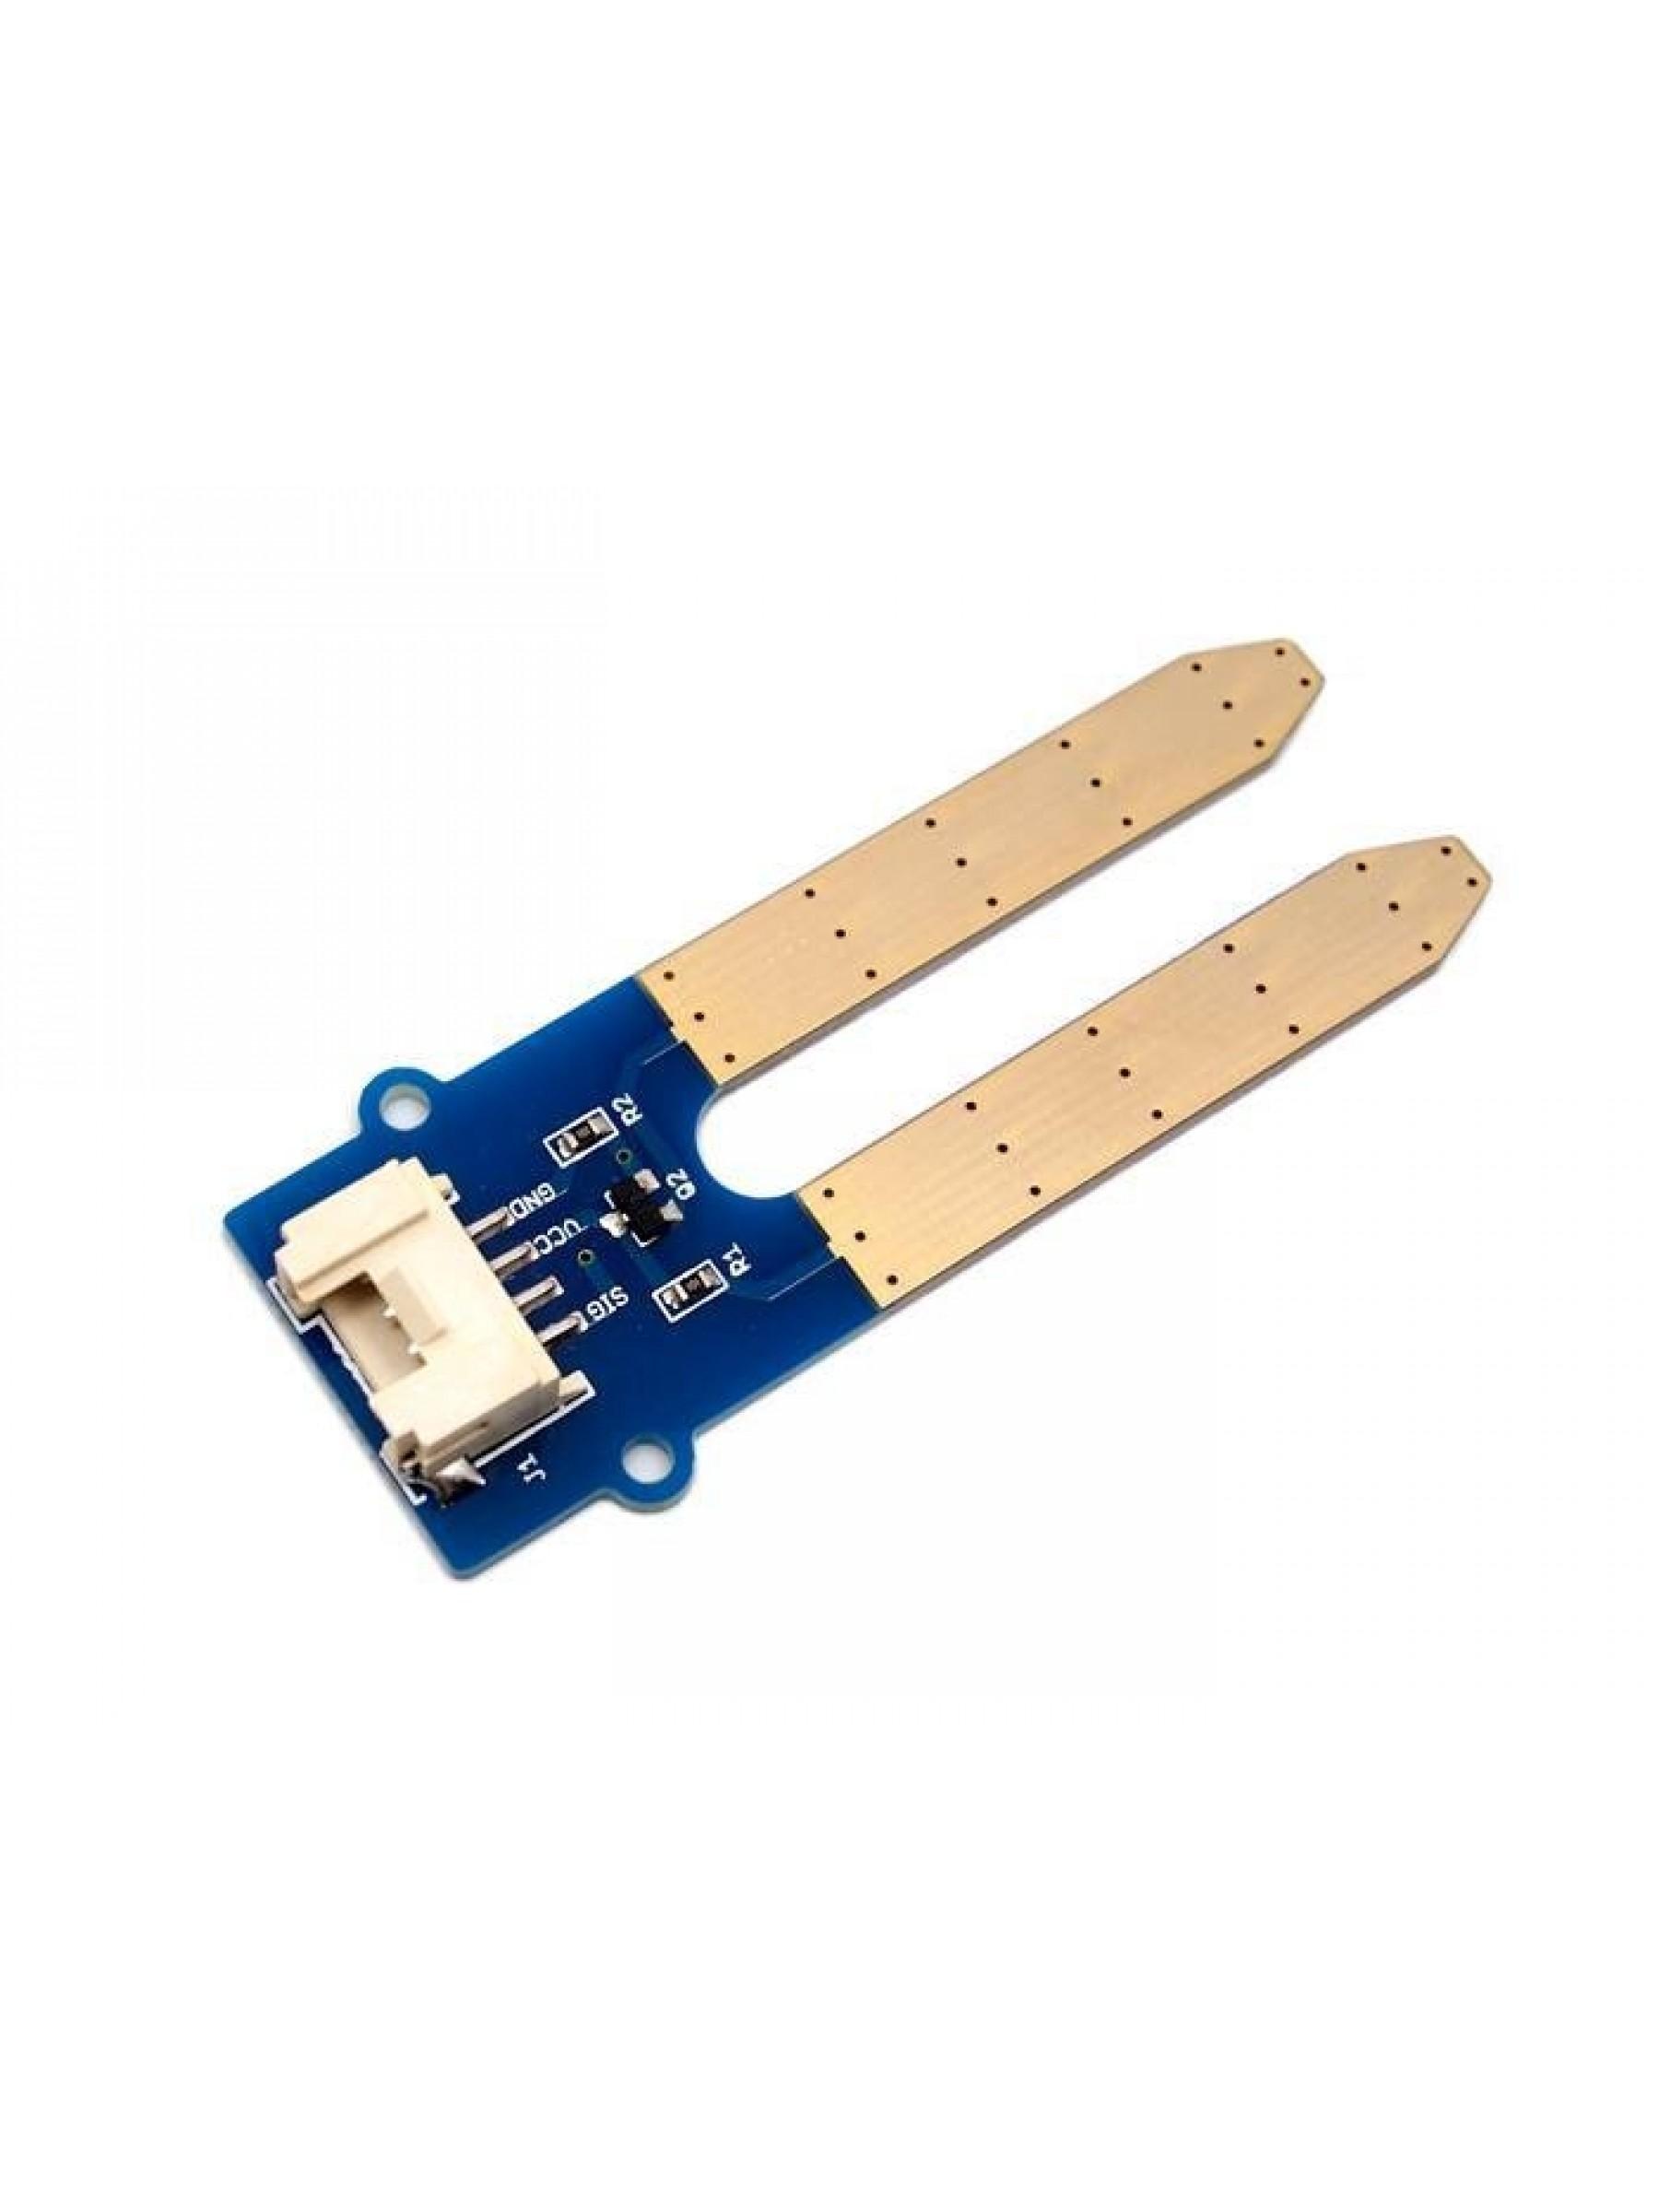 Grove Moisture Sensor